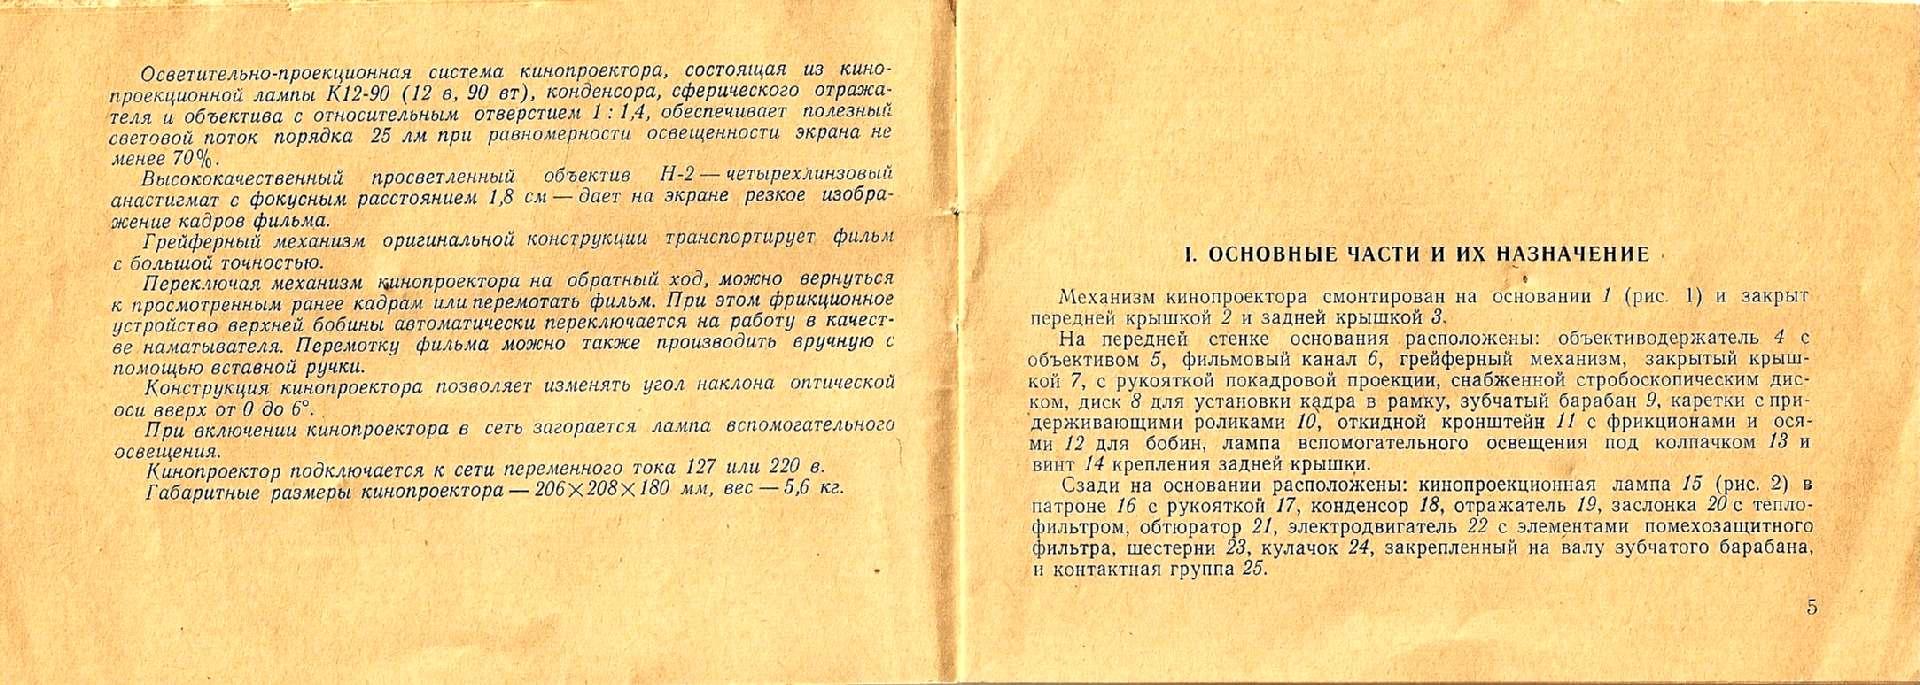 """Кинопроектор """"Луч-2"""". Руководство по эксплуатации"""